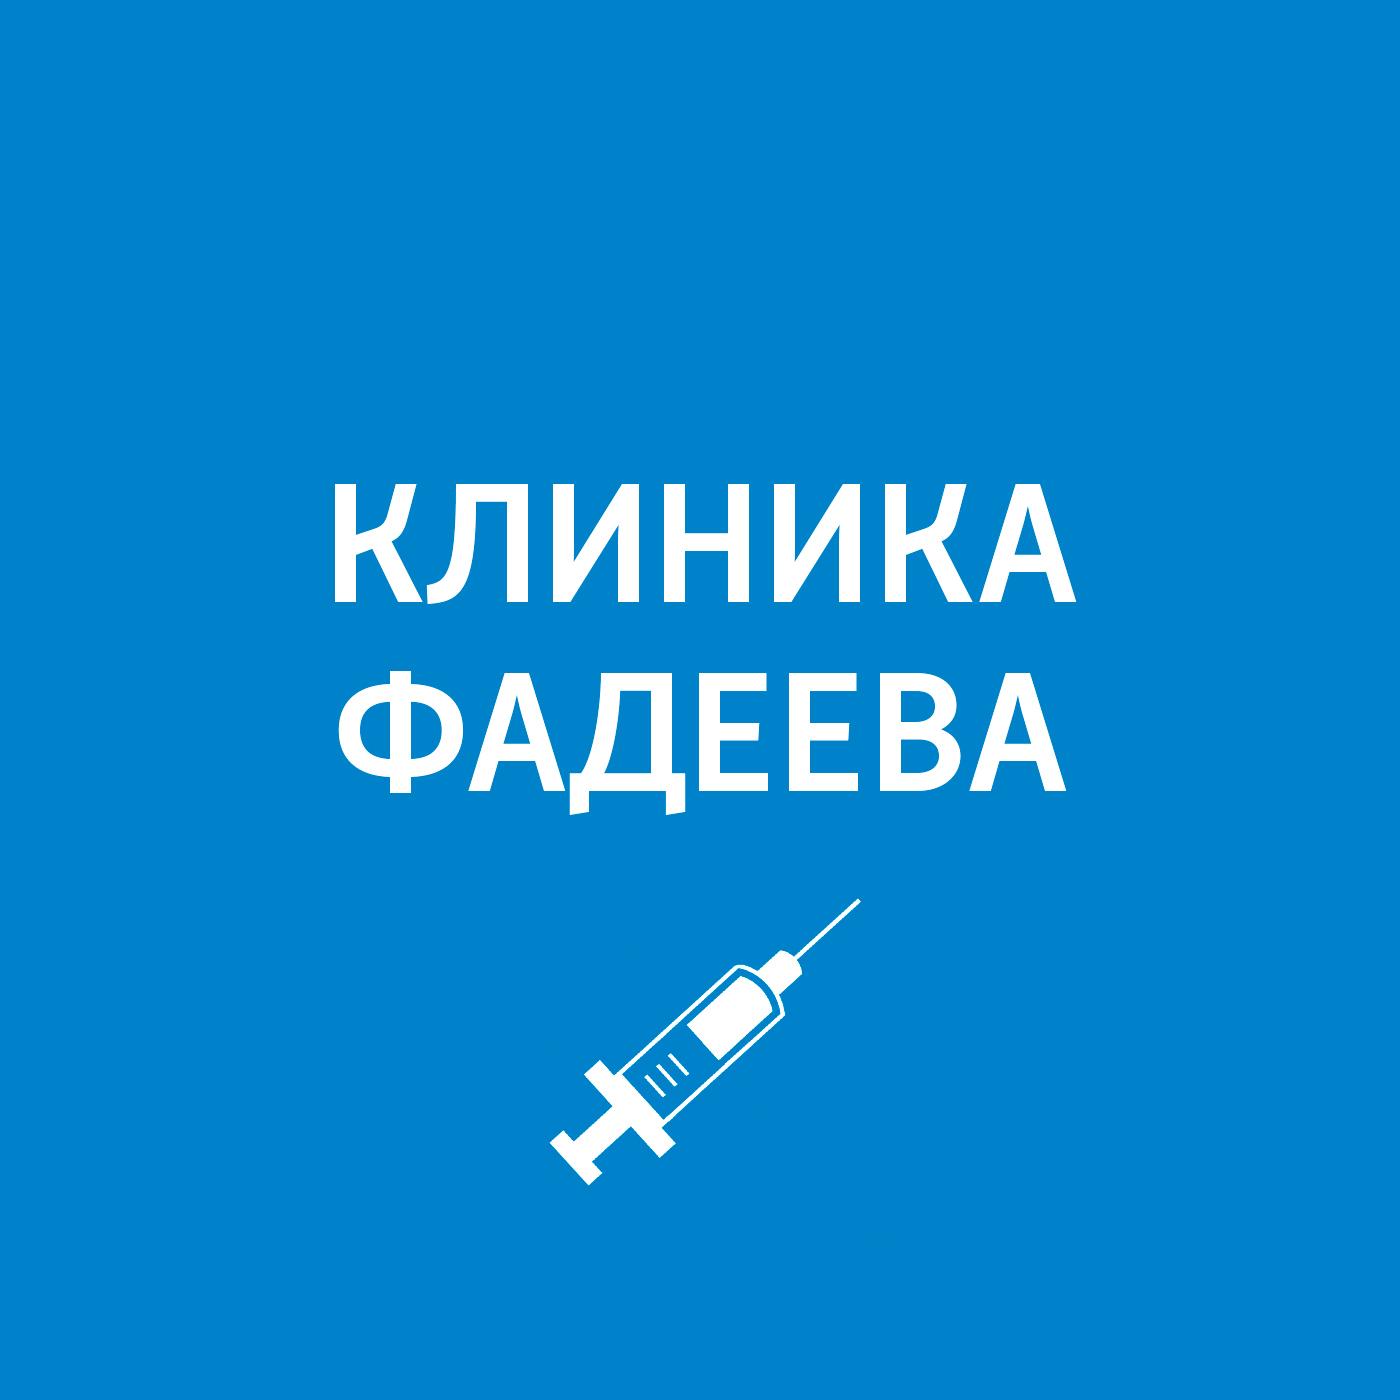 Пётр Фадеев Сосудистые заболевания аурика луковкина золотой ус и сердечно сосудистые заболевания